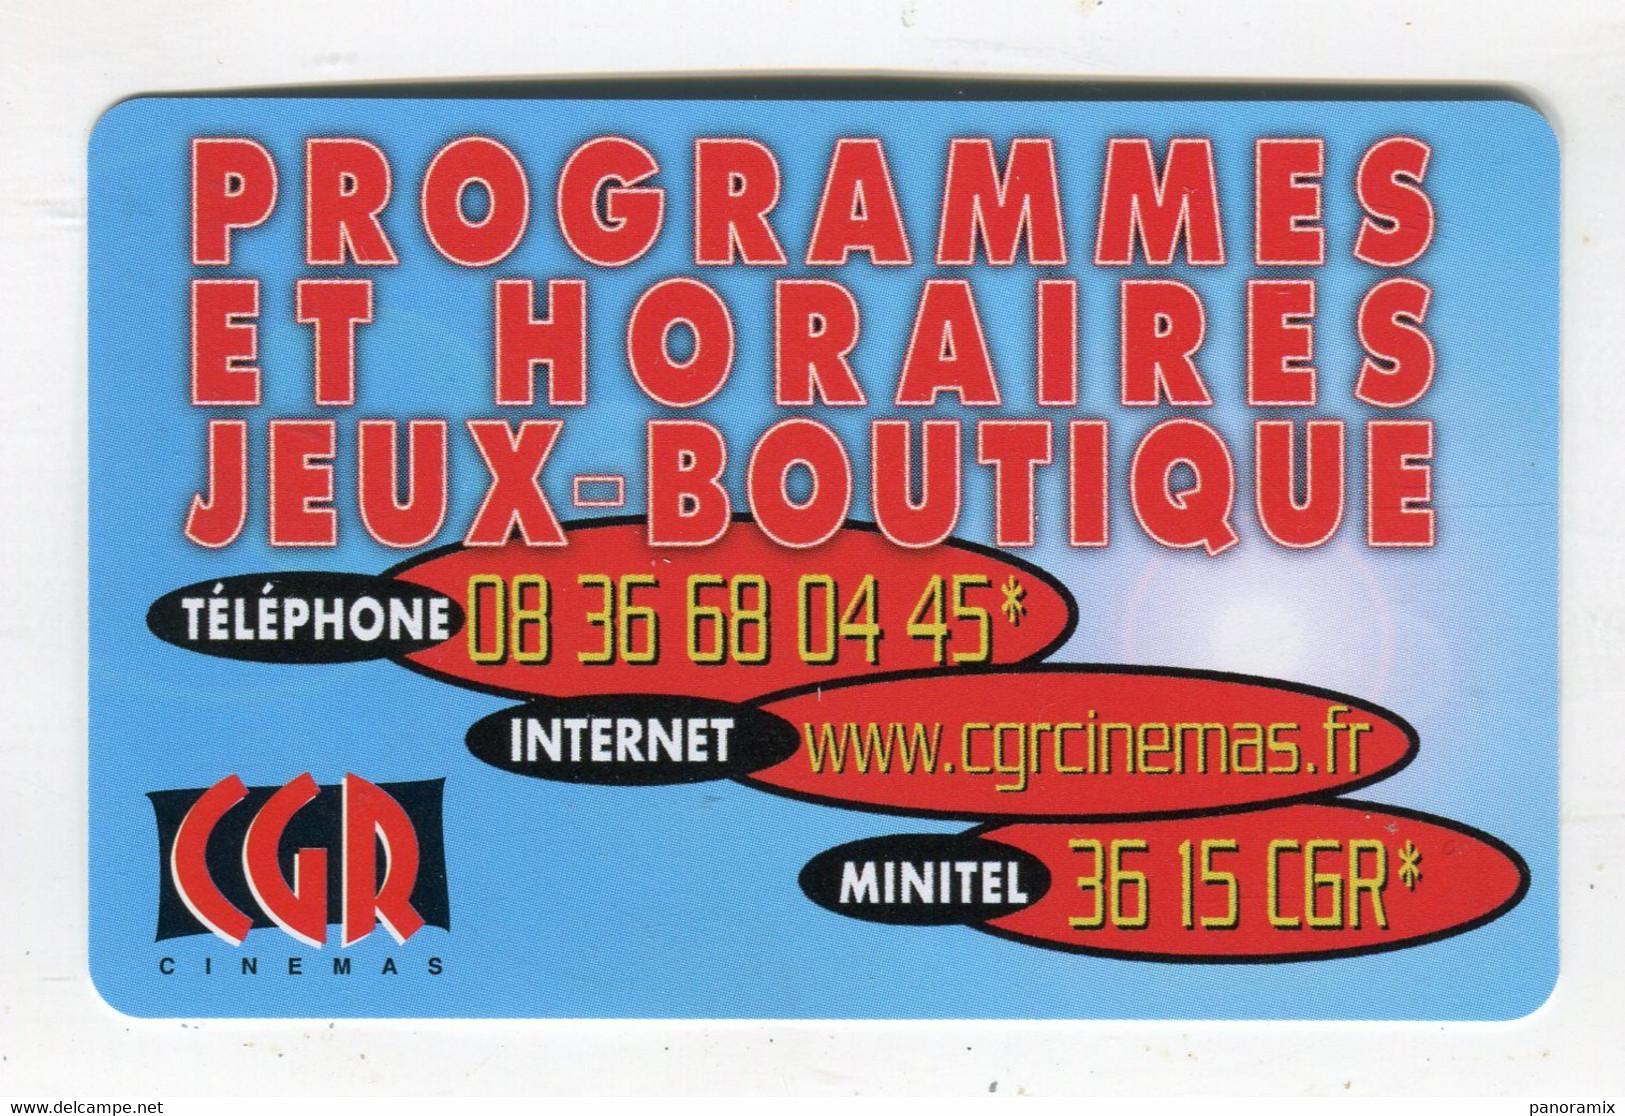 Cartede Visite °_ Carton-Cinémas CGR-Programmes Et Horaires-3615 CGR - Visiting Cards